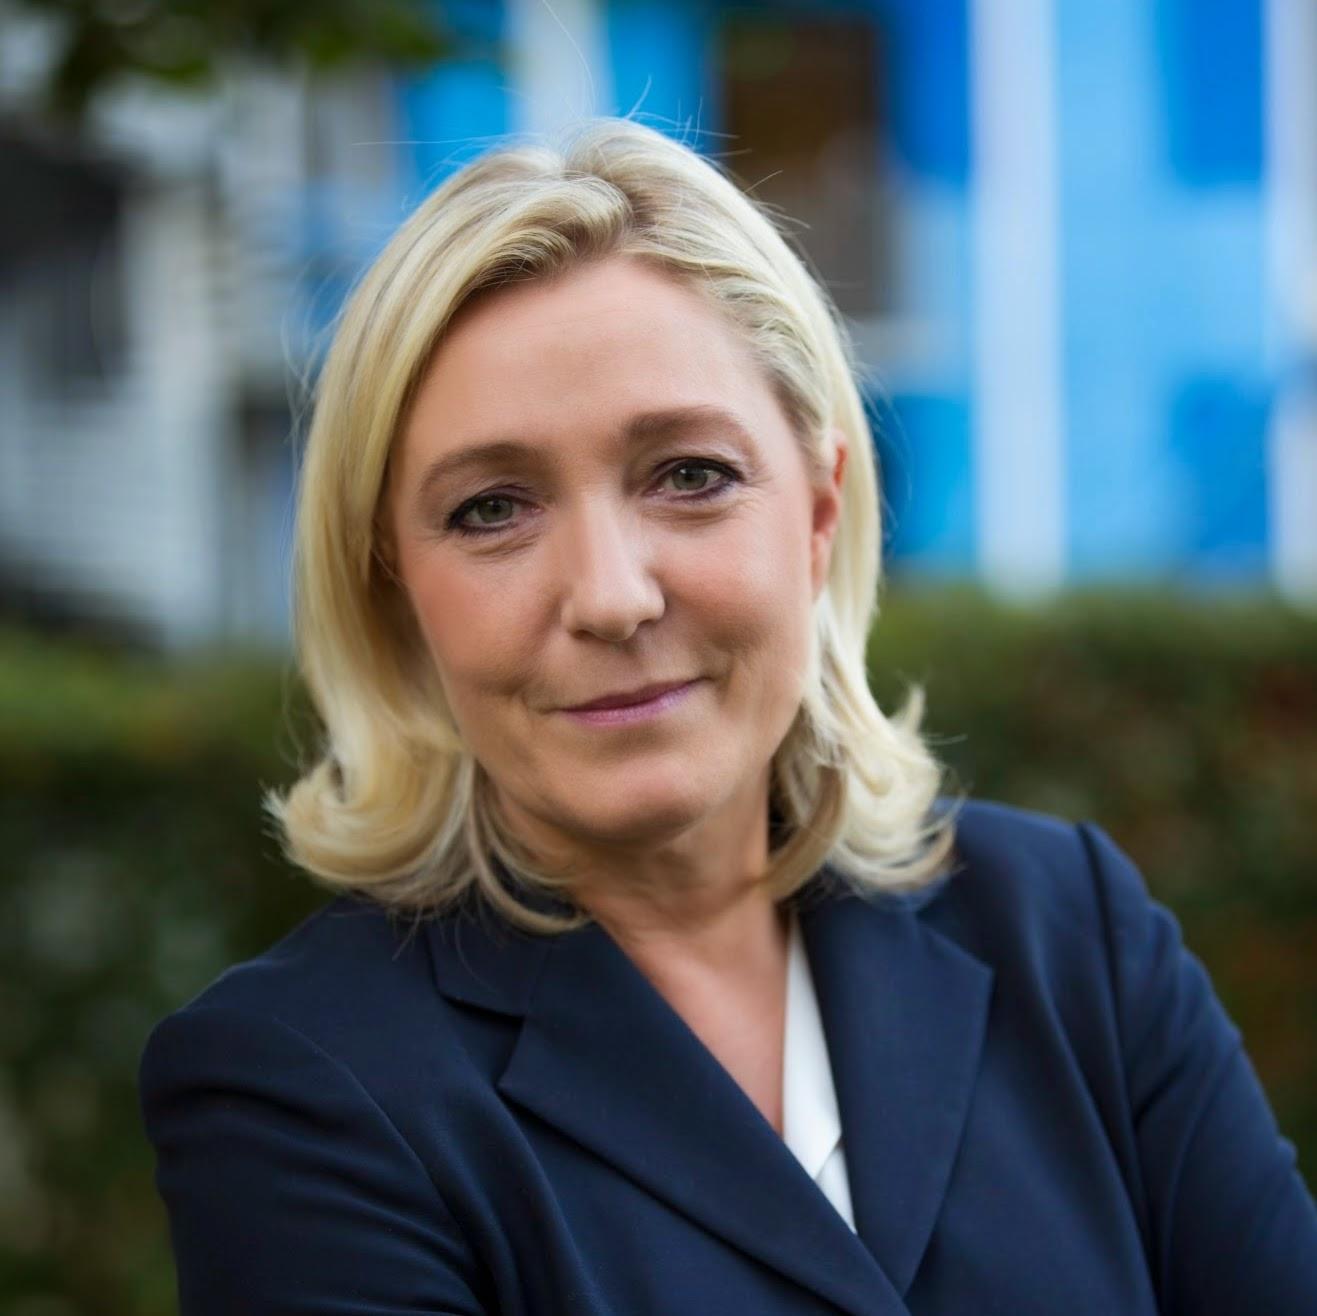 Francia elnökválasztás előtt: a szélsőjobb és a szocialisták az élen